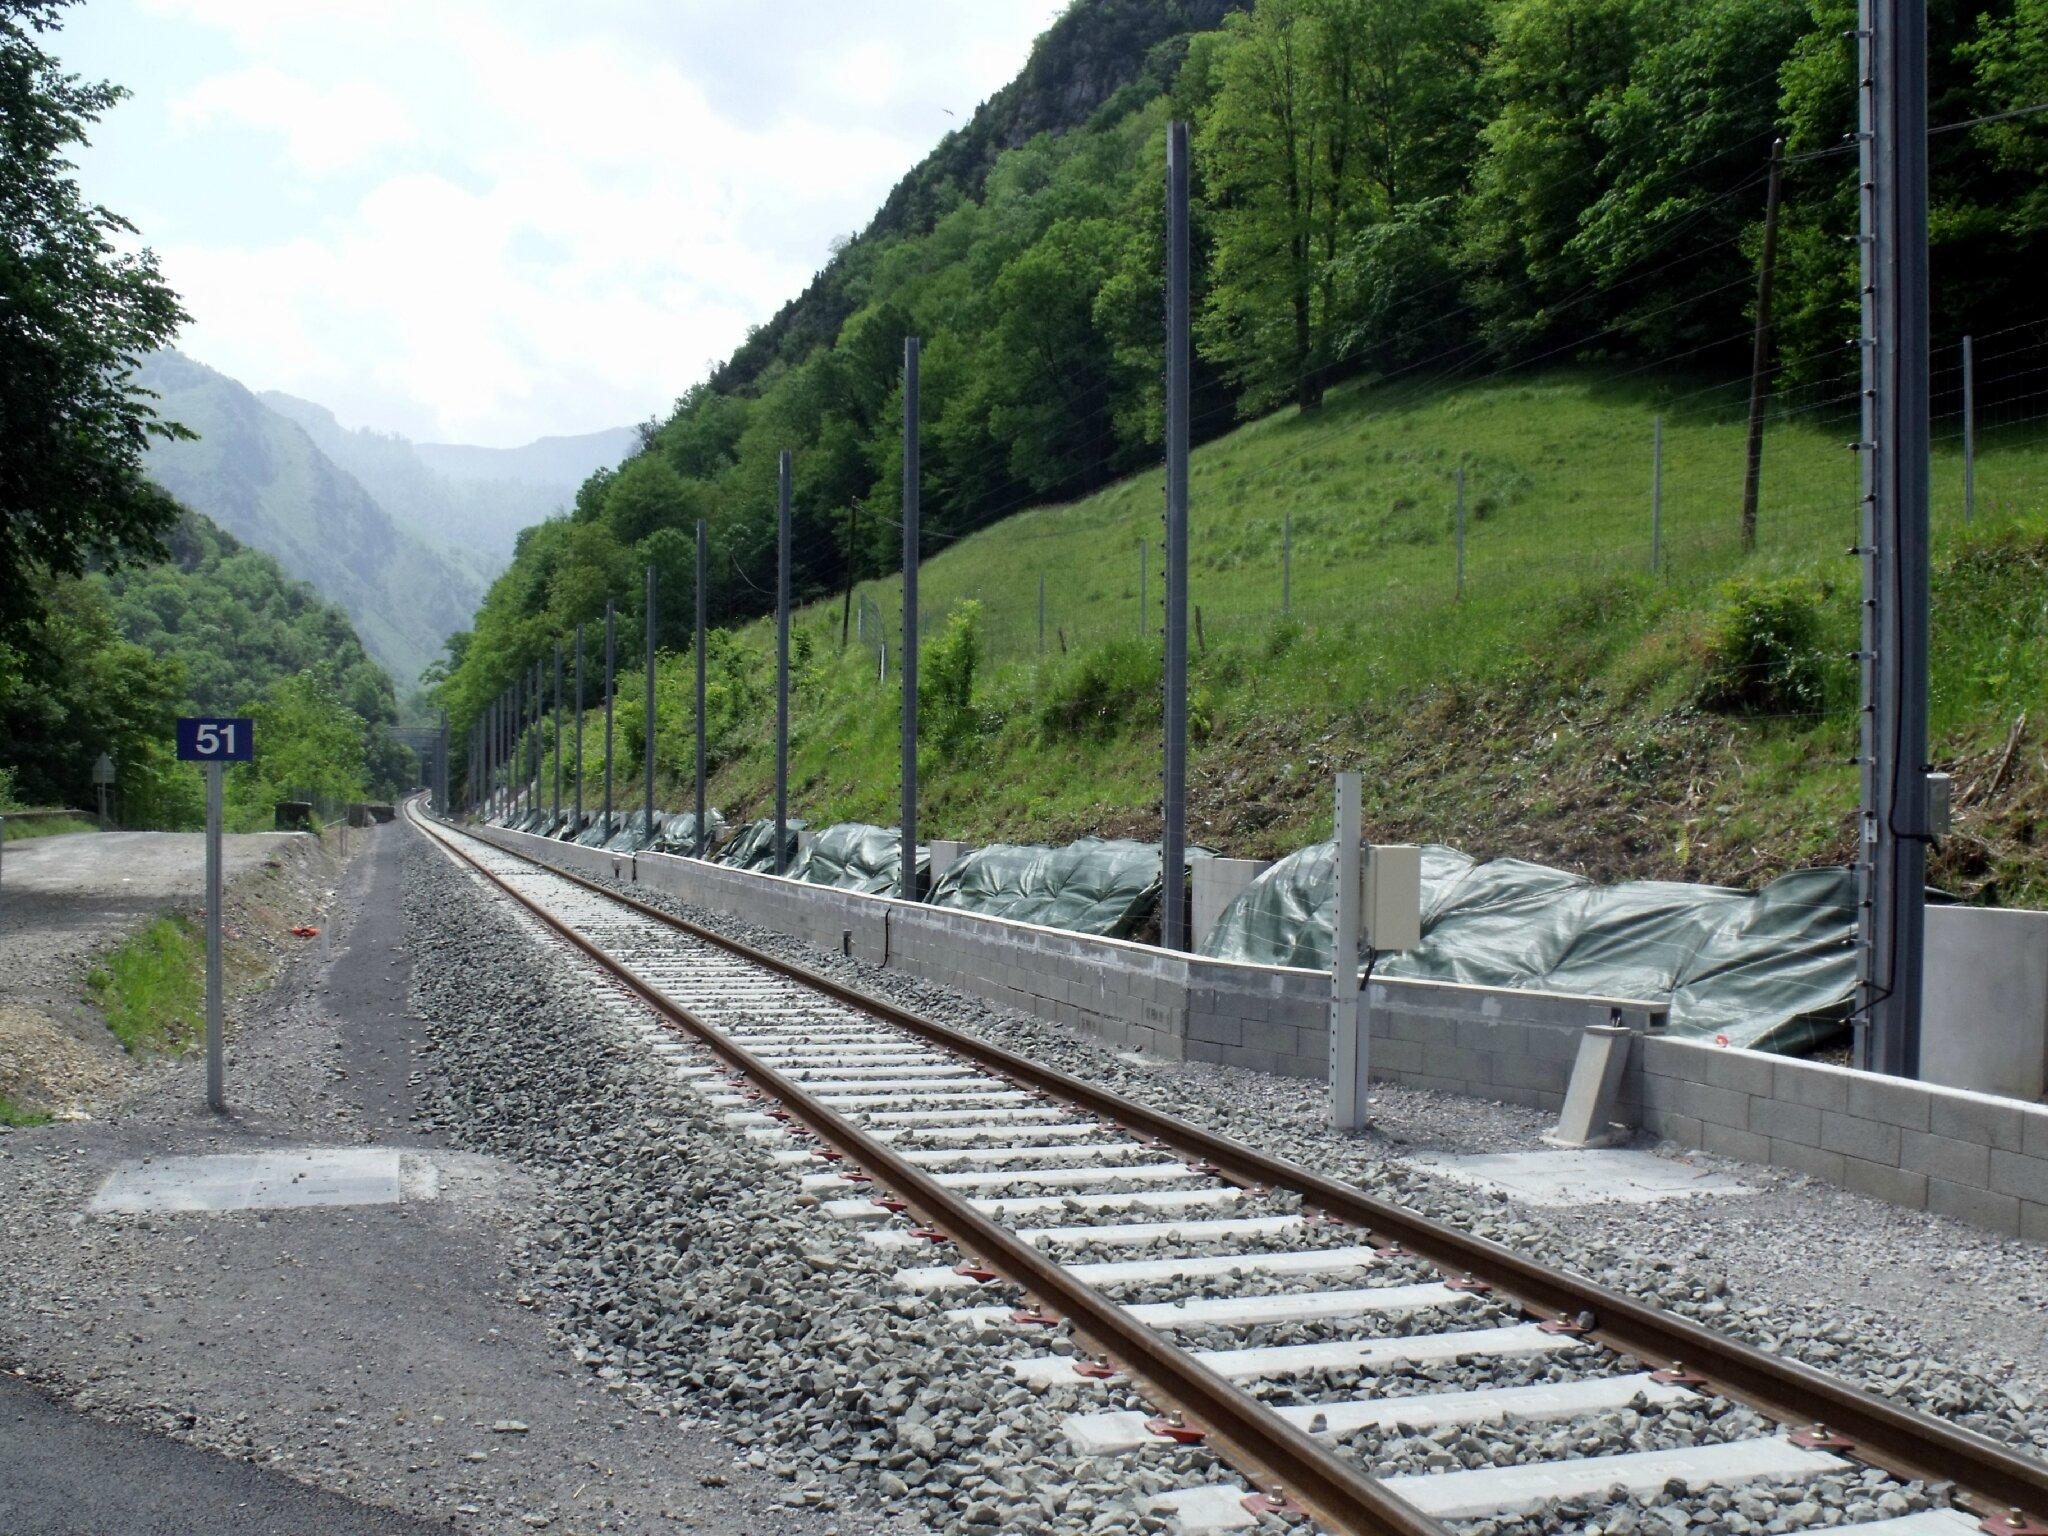 Escot (Pyrénées-Atlantiques - 64) Halte détruite